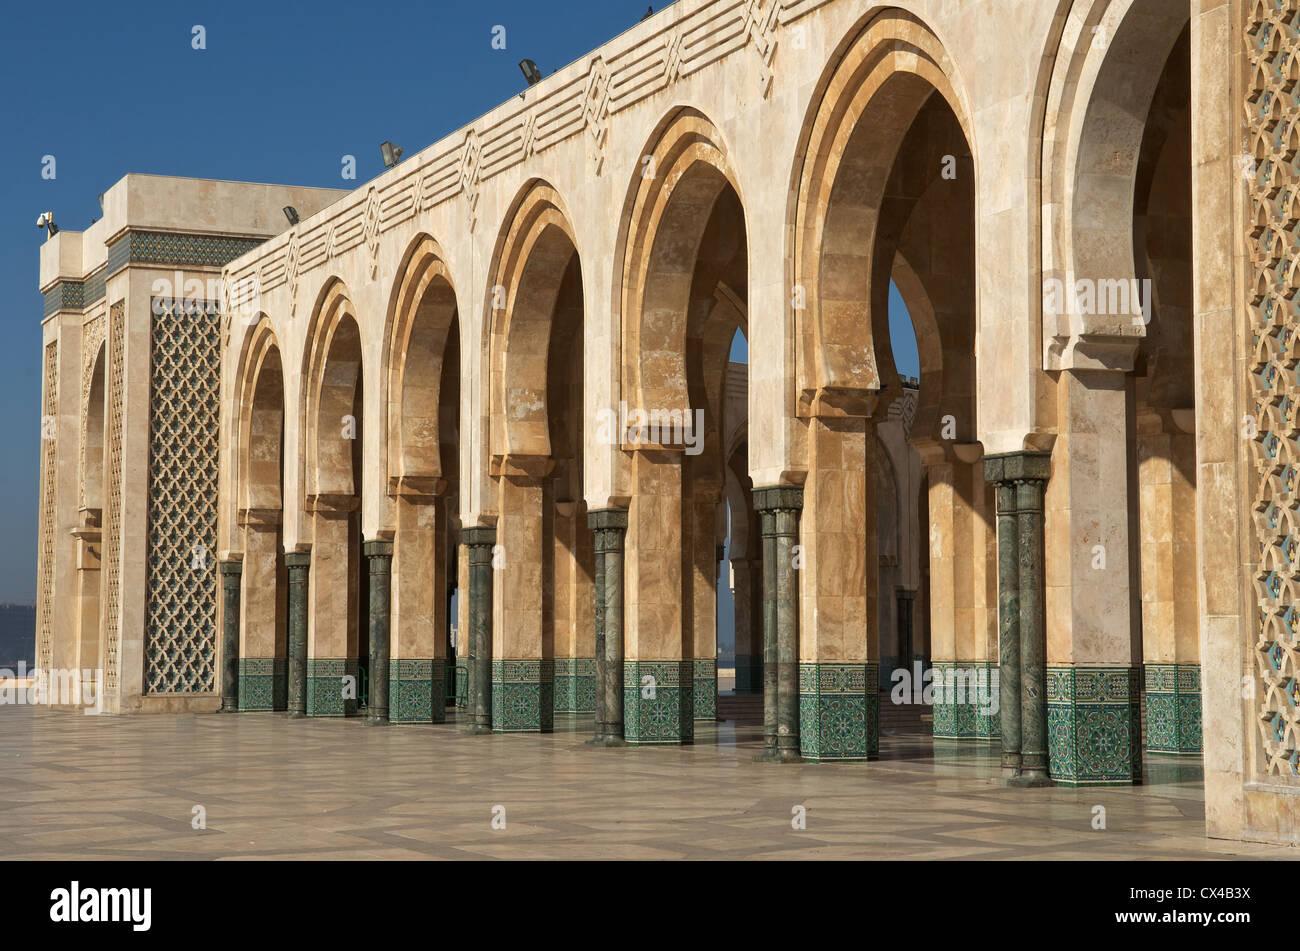 Archi presso il re Hassan II Mosque a Casablanca, Marocco Immagini Stock